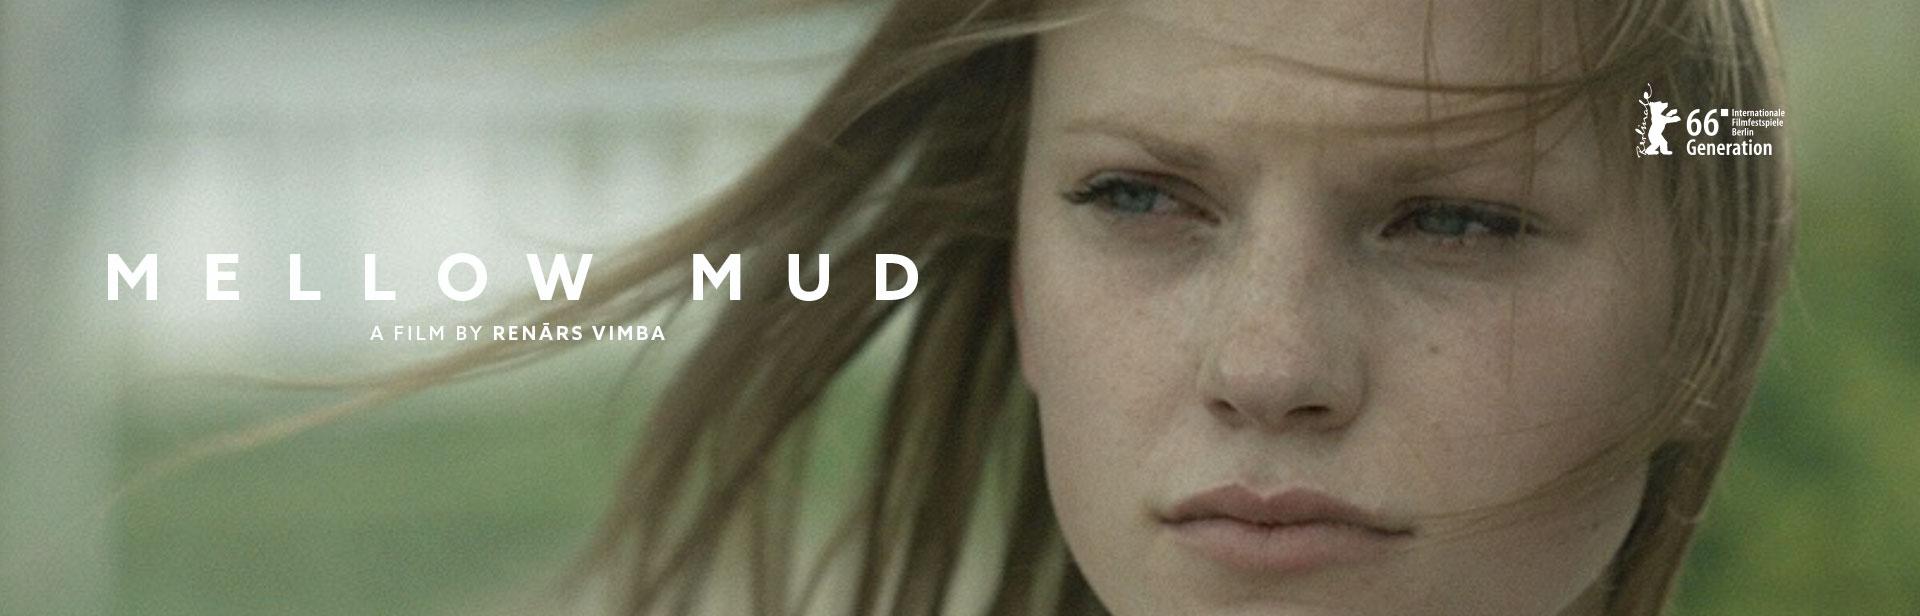 Mellow Mud banner